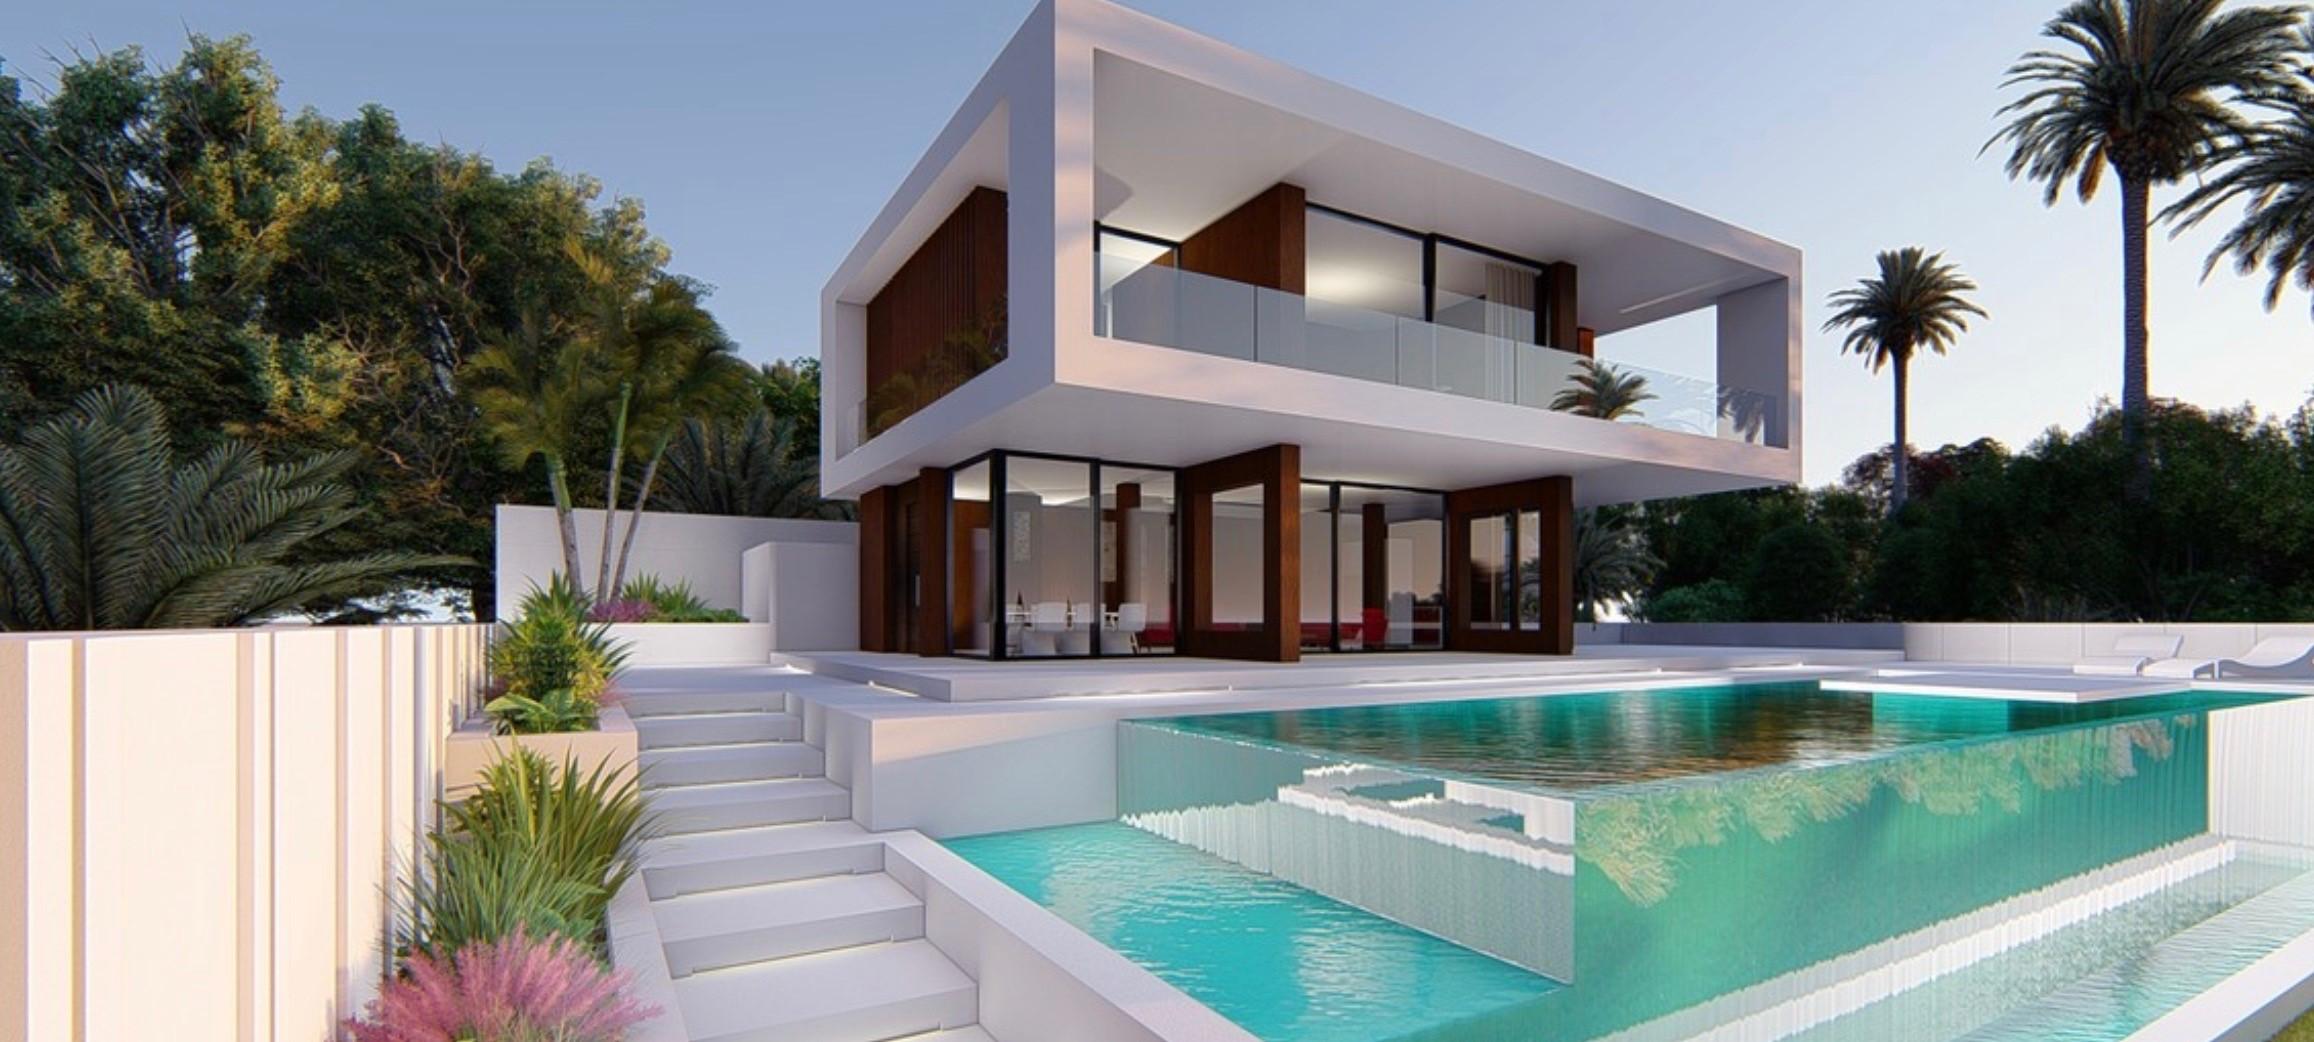 Estepona villa €595.000